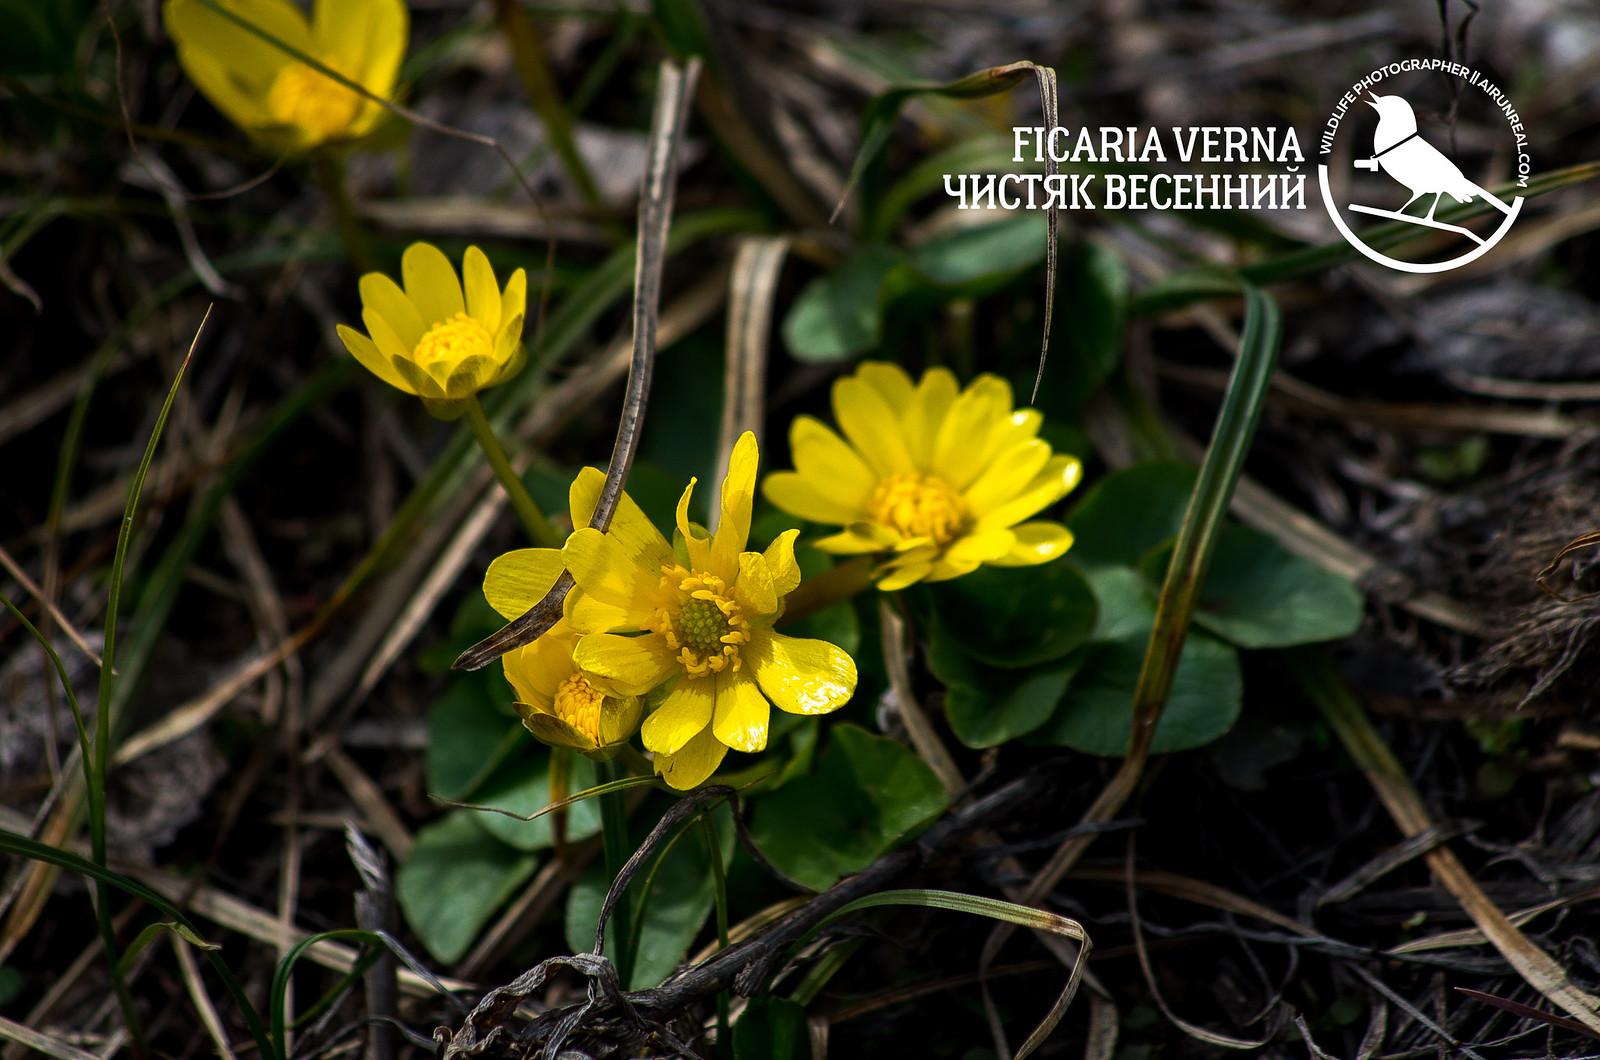 Ficaria verna & Gagea // 27032017upld